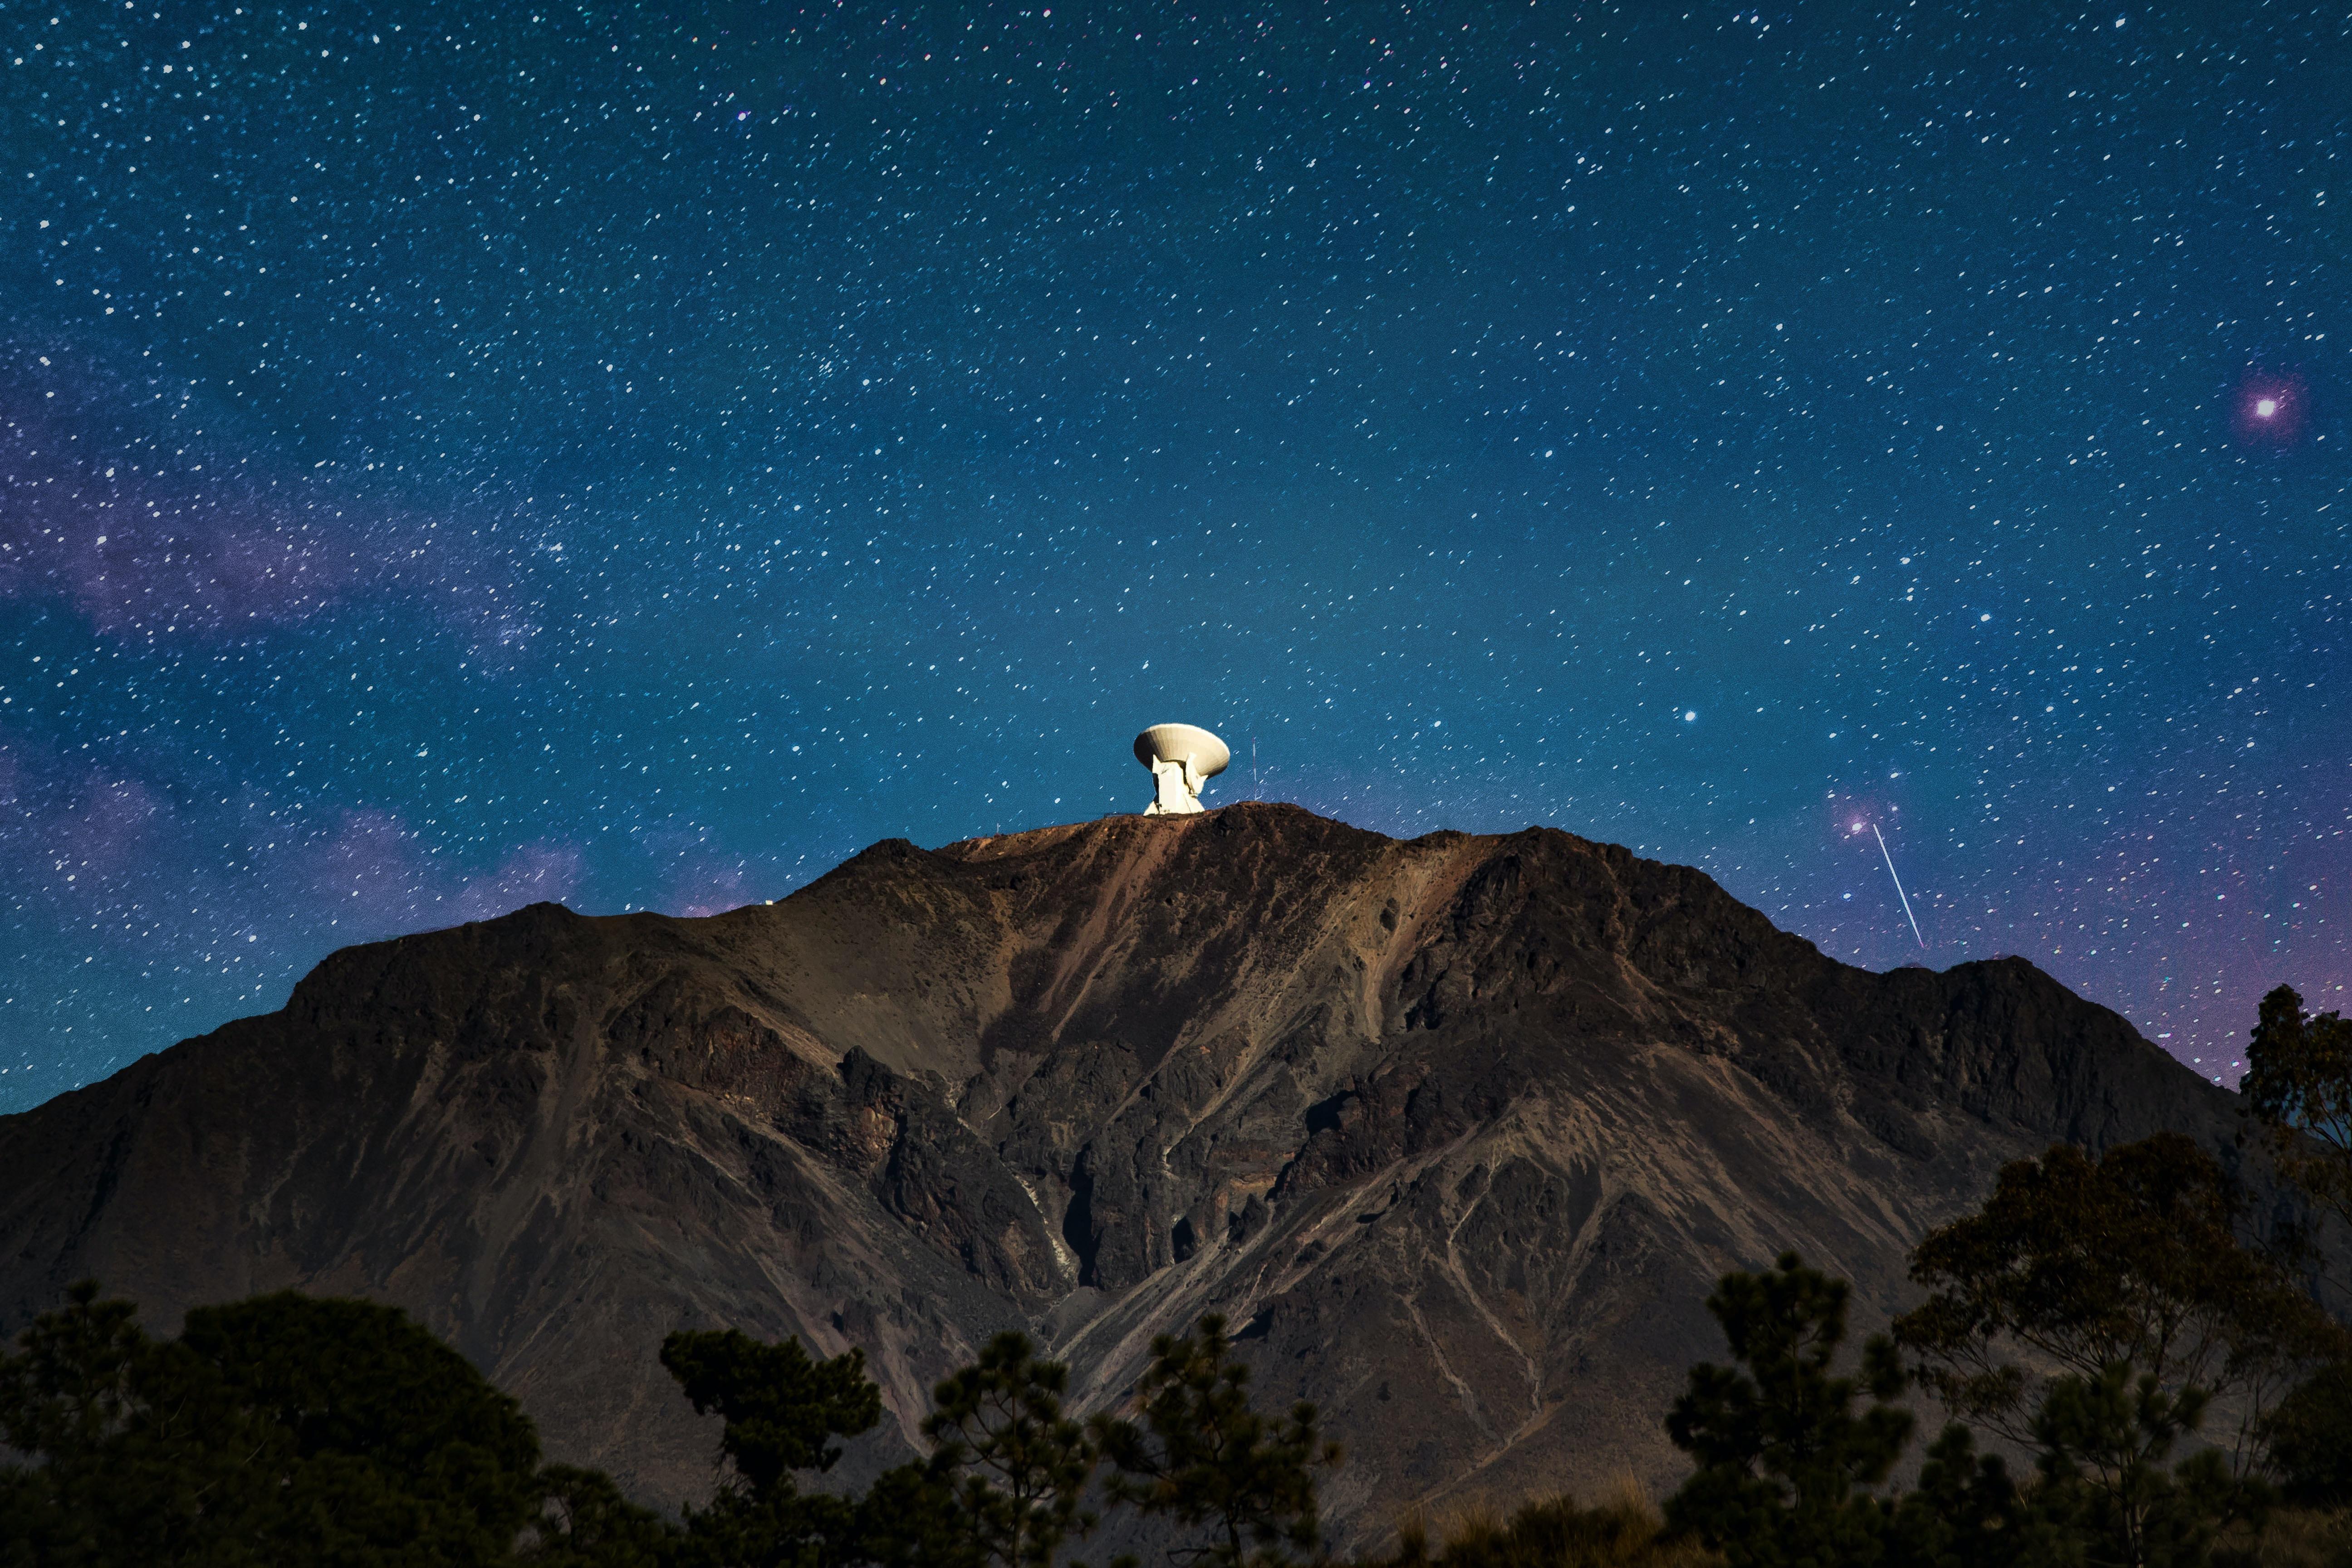 satellite on mountain peak during night time